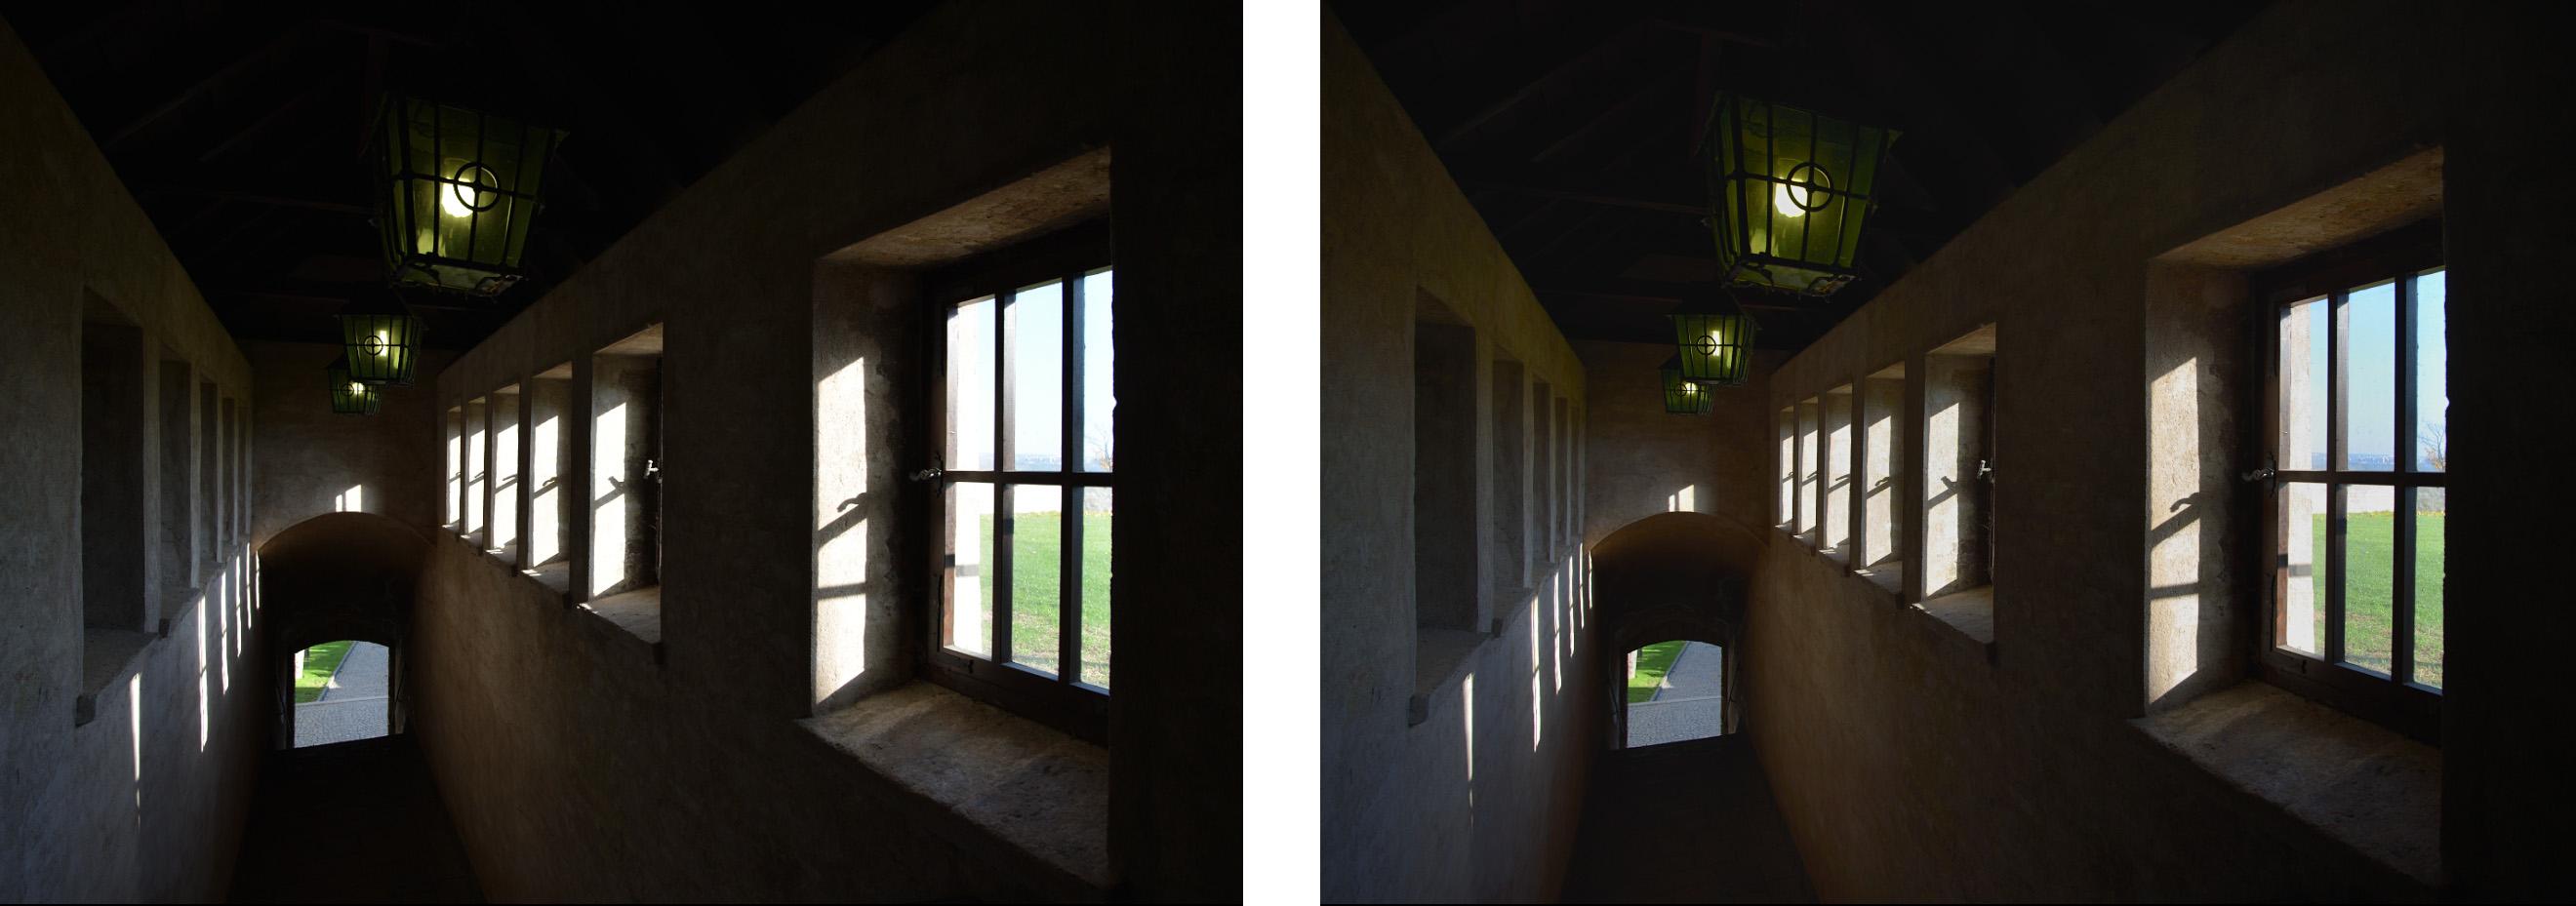 Porovnání zdrojového snímku a fotografie upravené pomocí kontrolních bodů